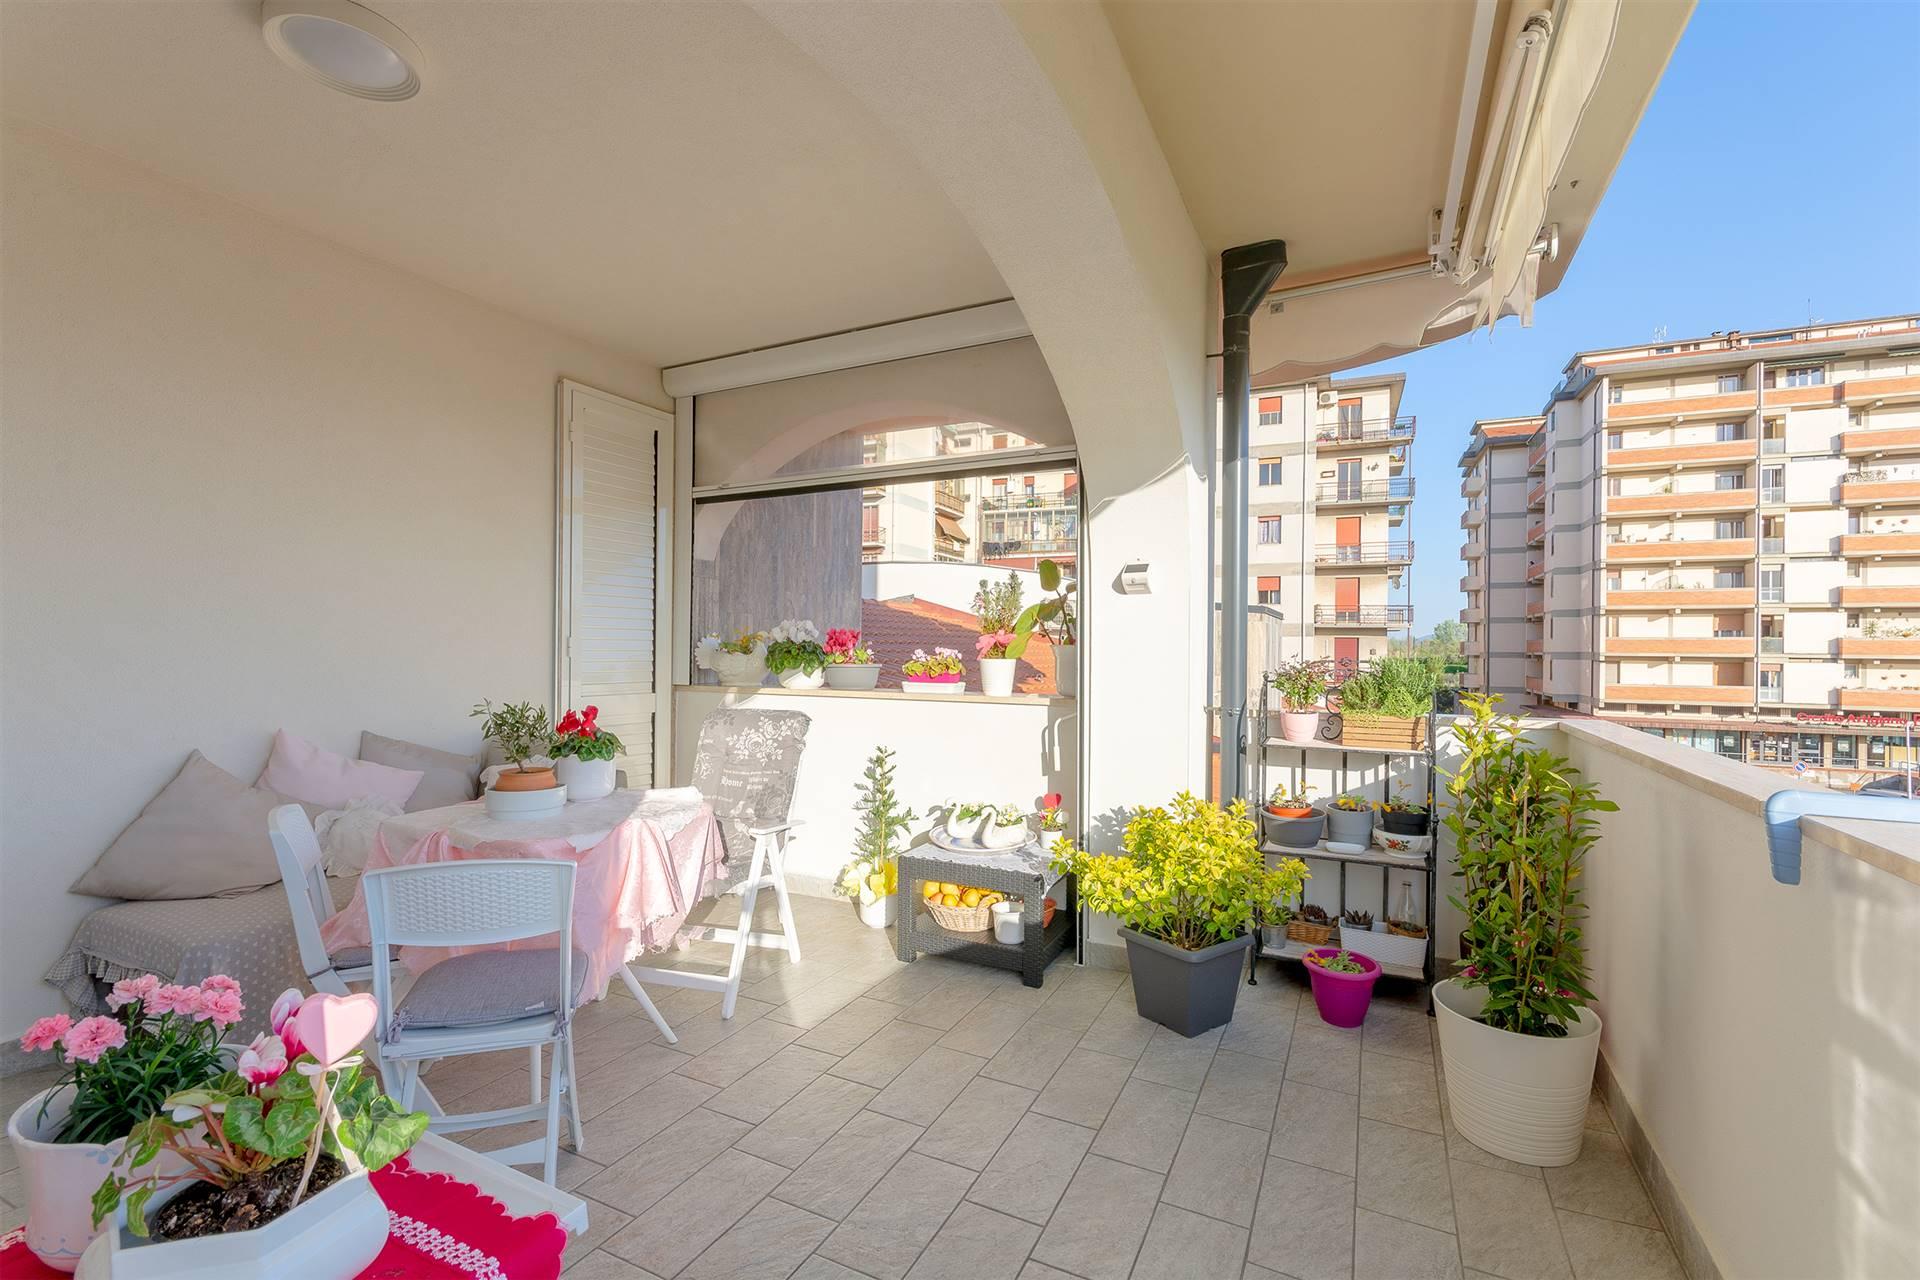 Appartamento in vendita a Campi Bisenzio, 3 locali, zona lle, prezzo € 239.000 | PortaleAgenzieImmobiliari.it